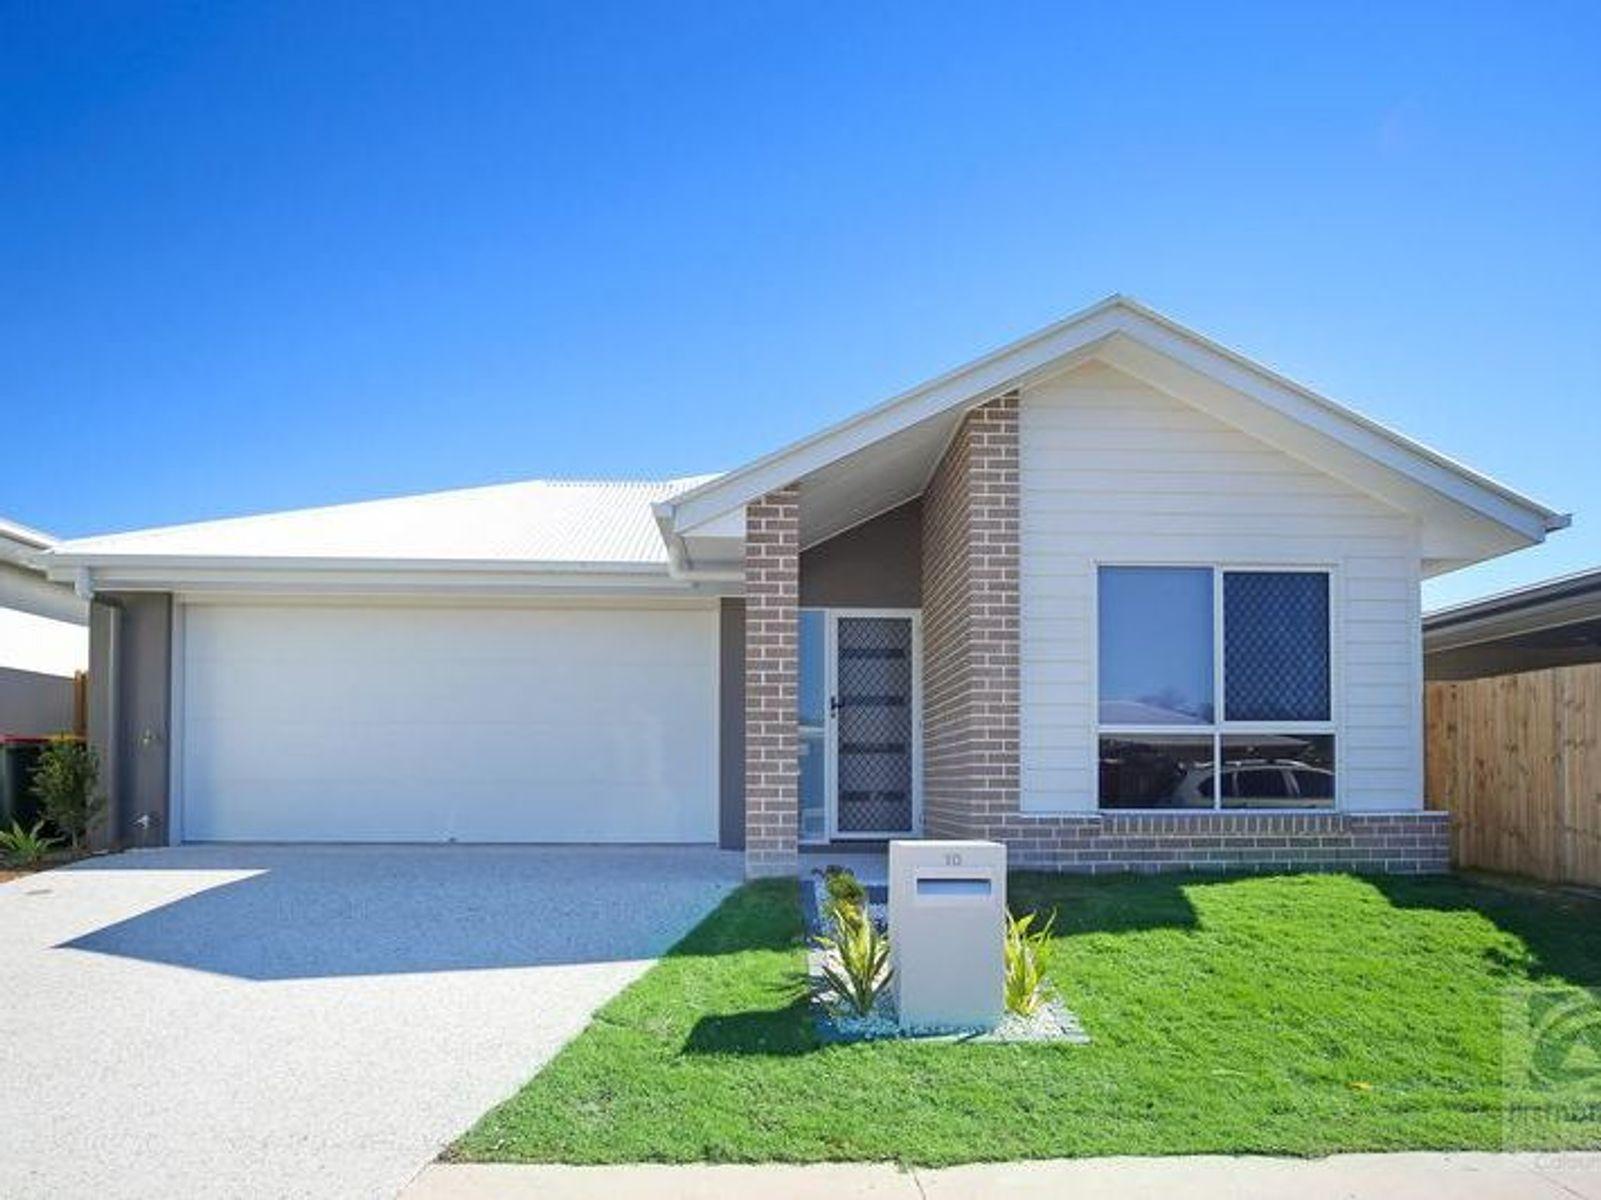 10 Jade Crescent, Caloundra West, QLD 4551